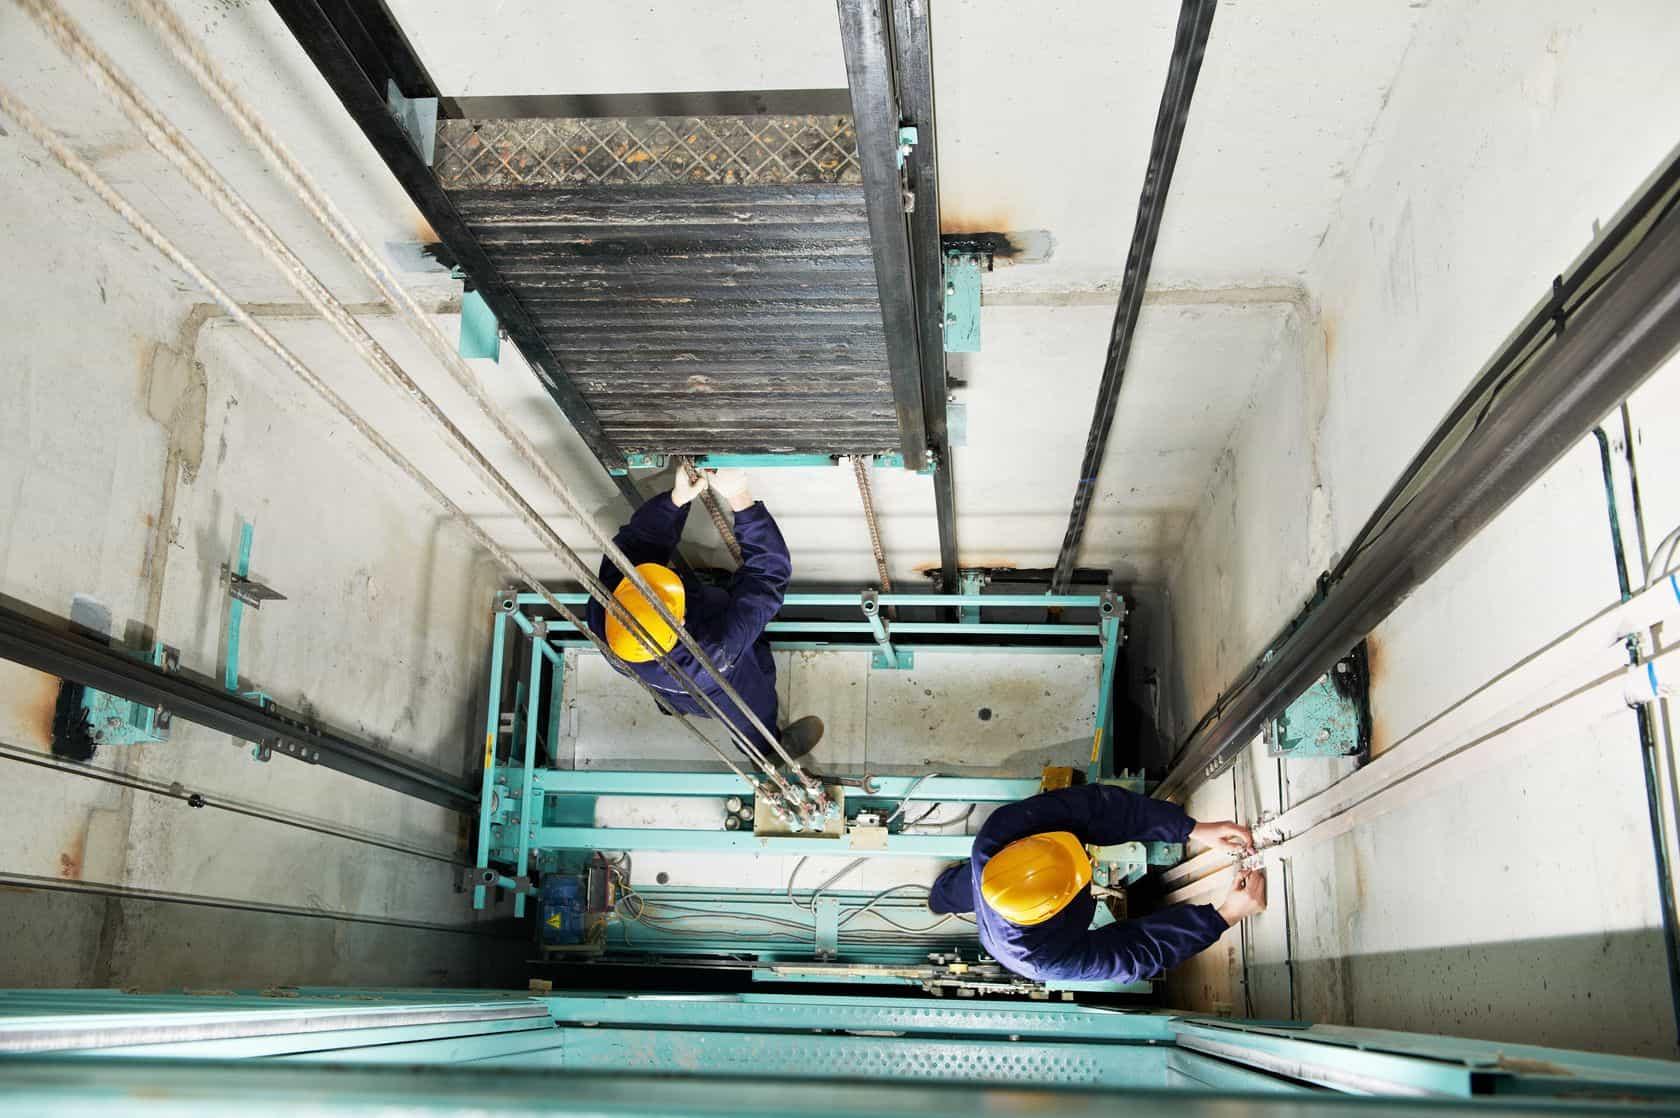 operarios en acciones de mantenimiento de un ascensor